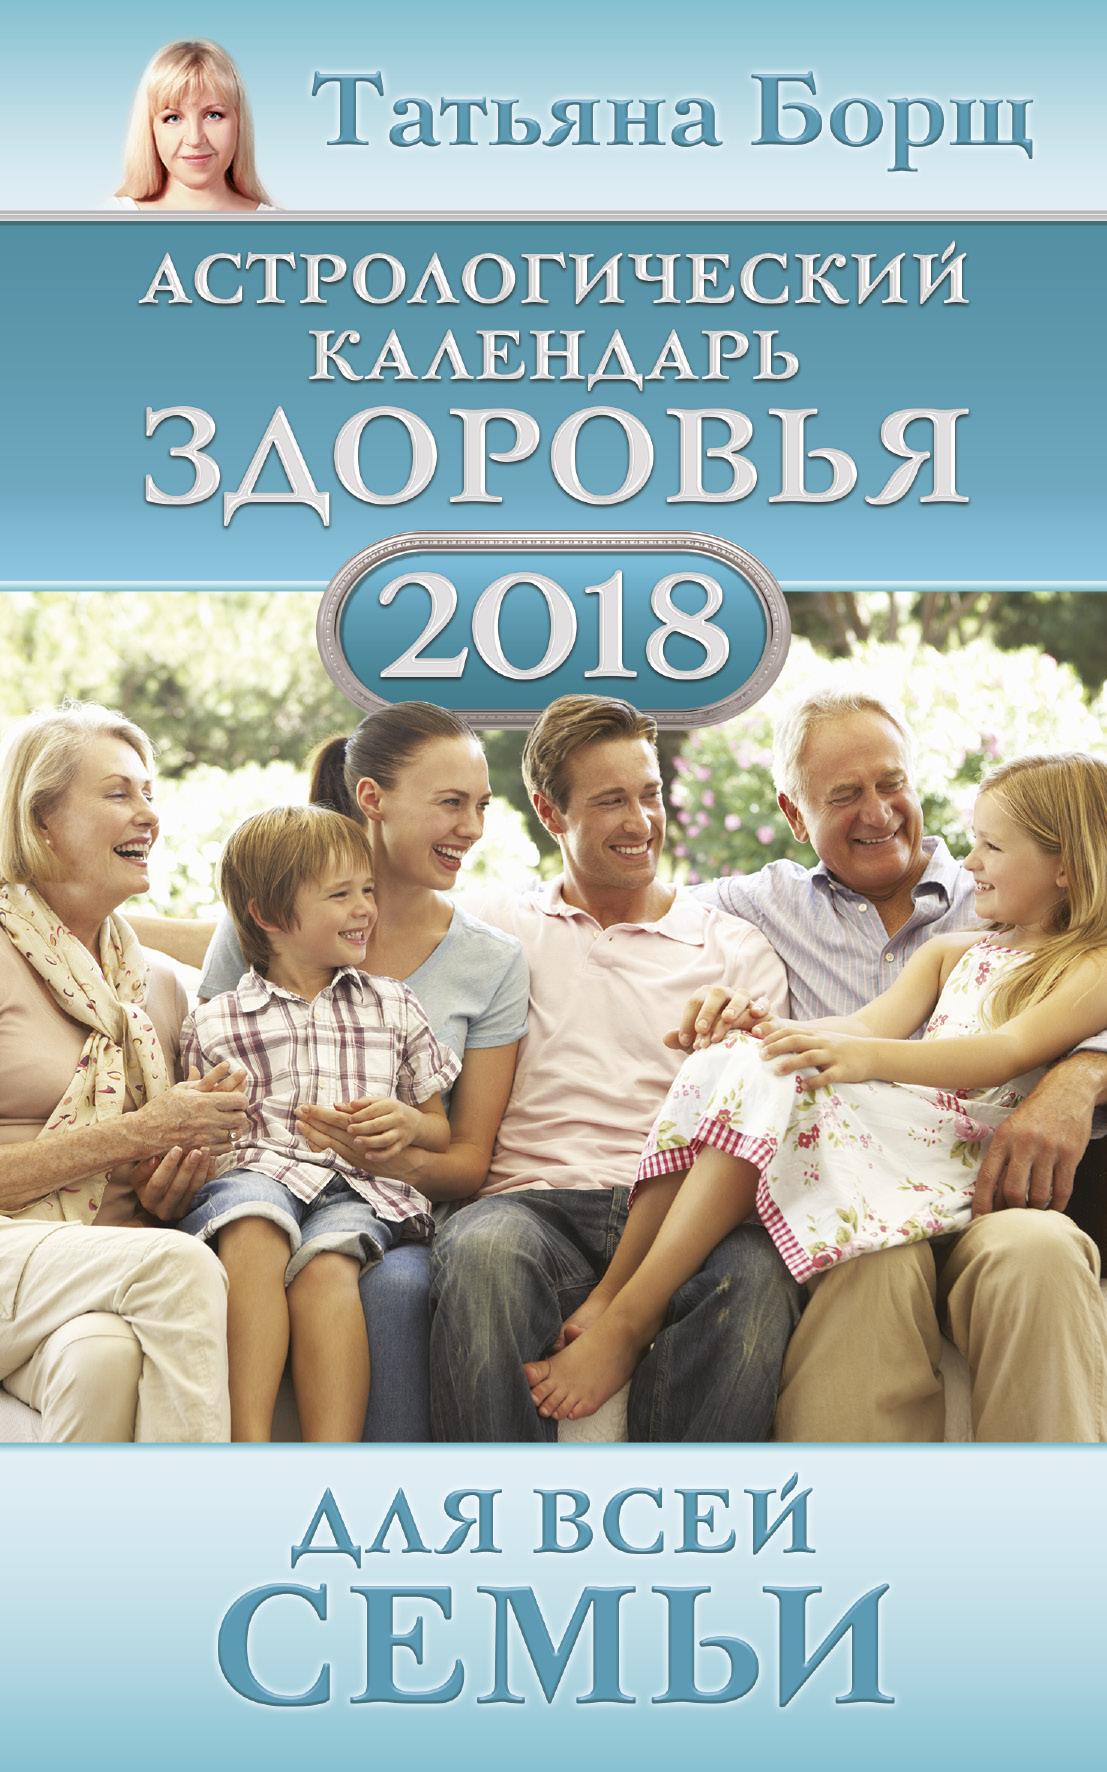 Борщ Татьяна Астрологический календарь здоровья для всей семьи на 2018 год